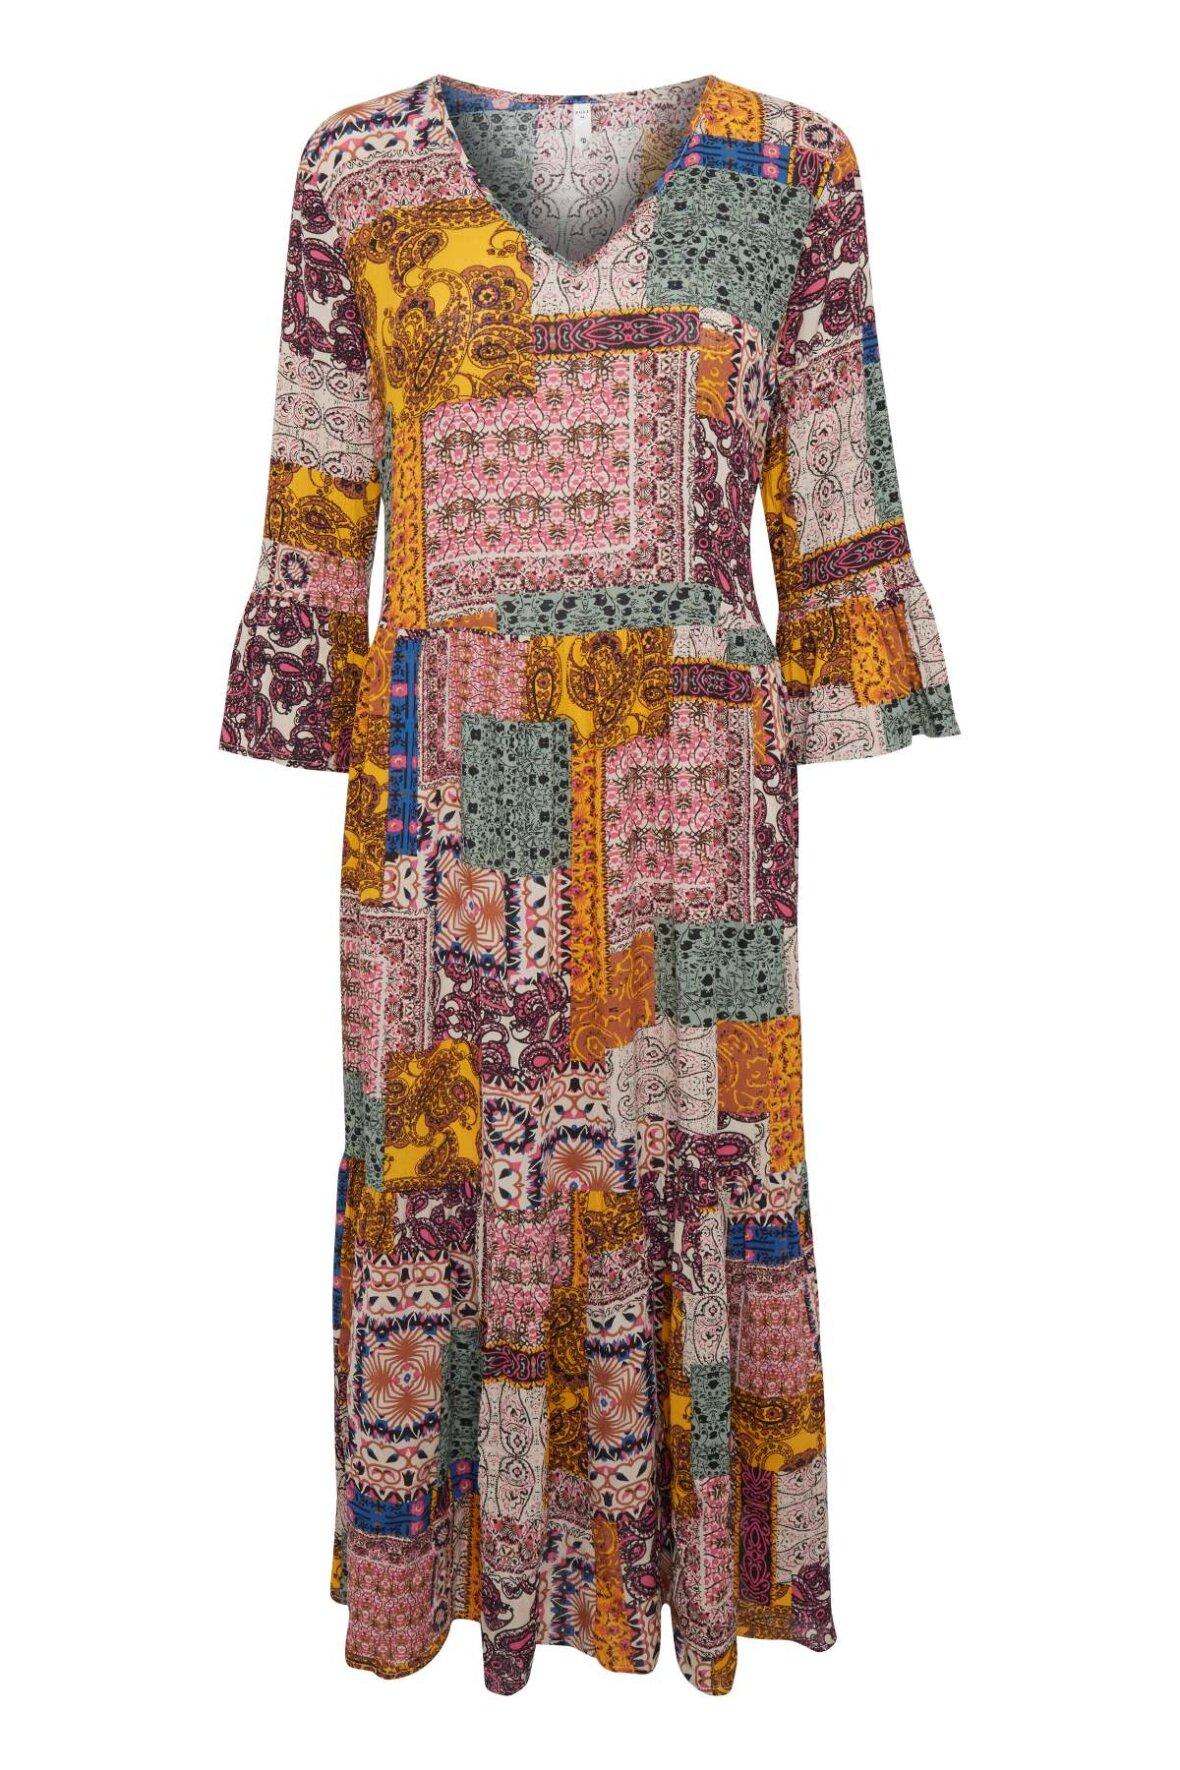 9bb5460179b2 Pulz palma dress multi farvet kjole til sommer - Hos Lohse